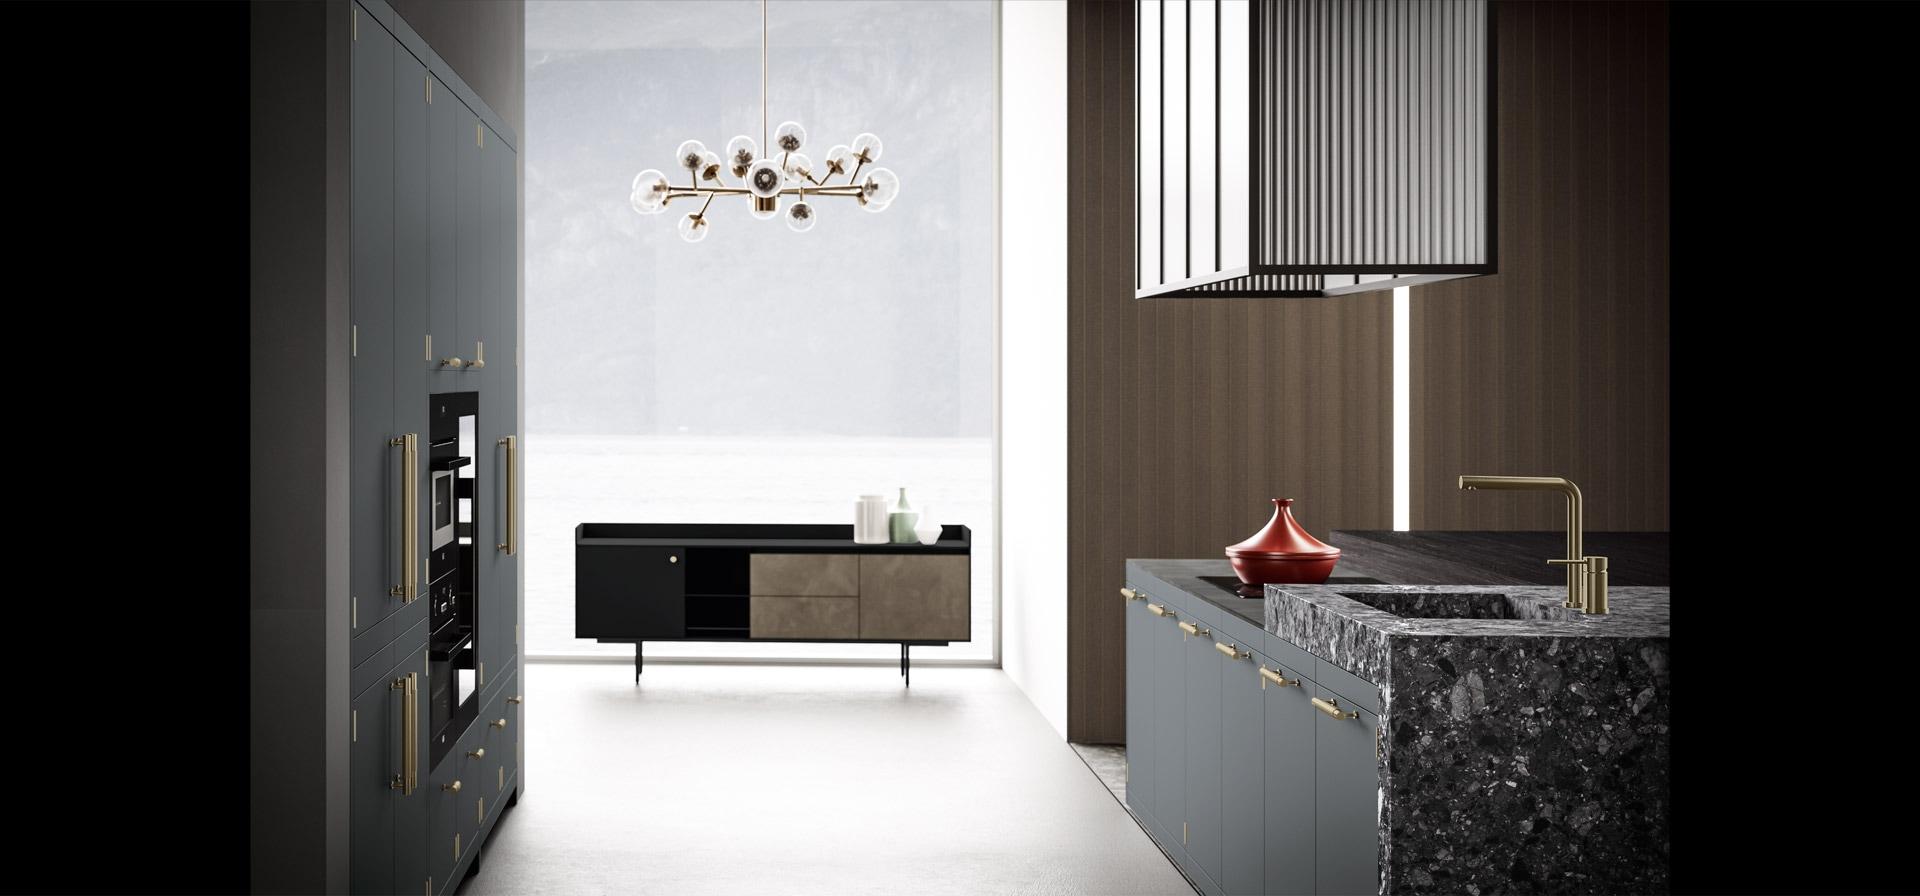 Cucina elegante in finitura ottone | Anuba | MITON Cucine